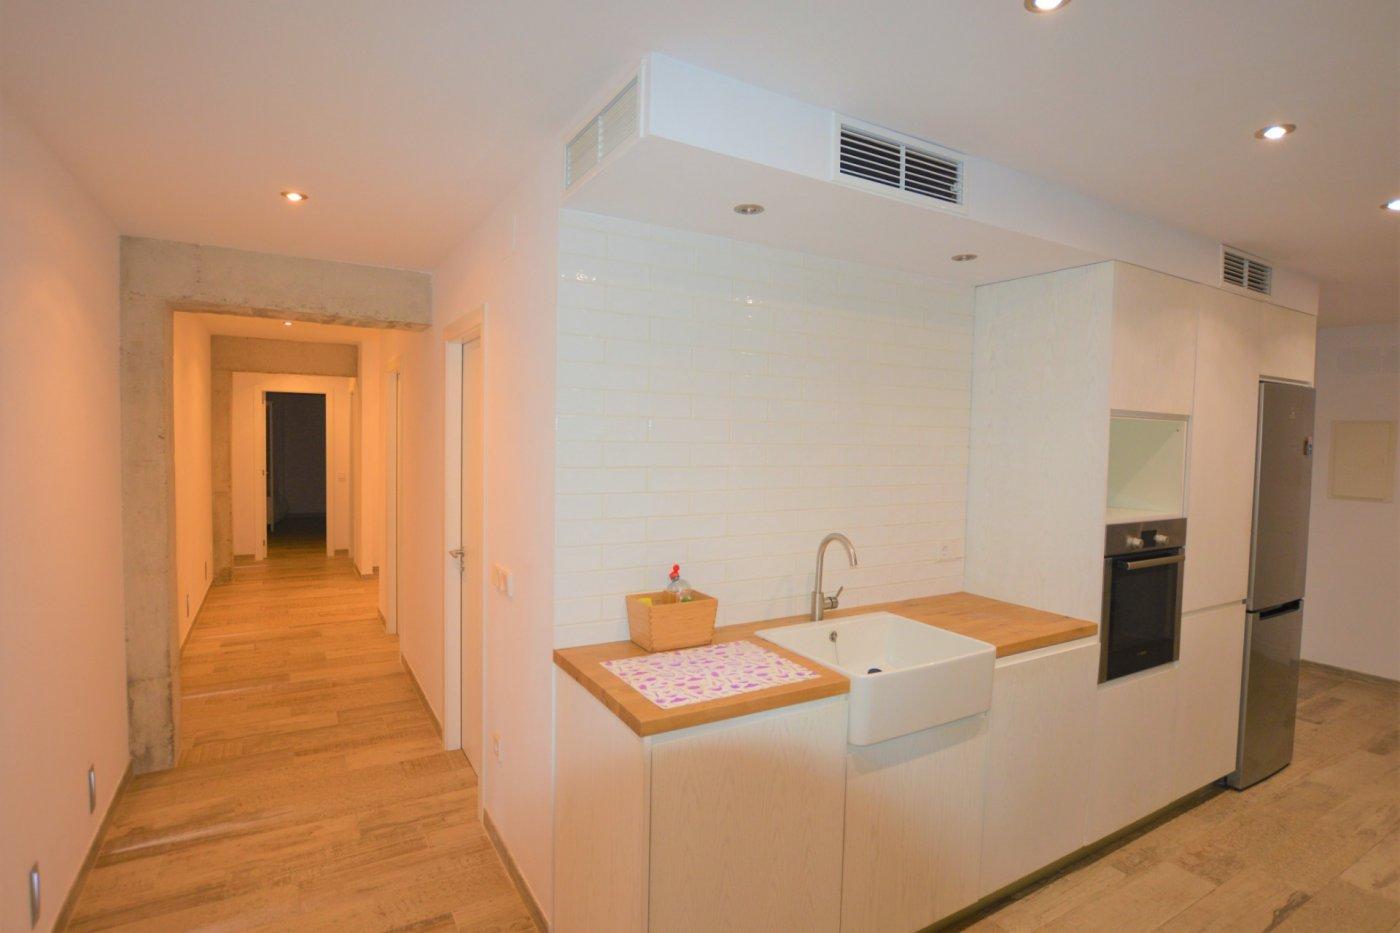 Increíble piso recientemente reformado. - imagenInmueble9